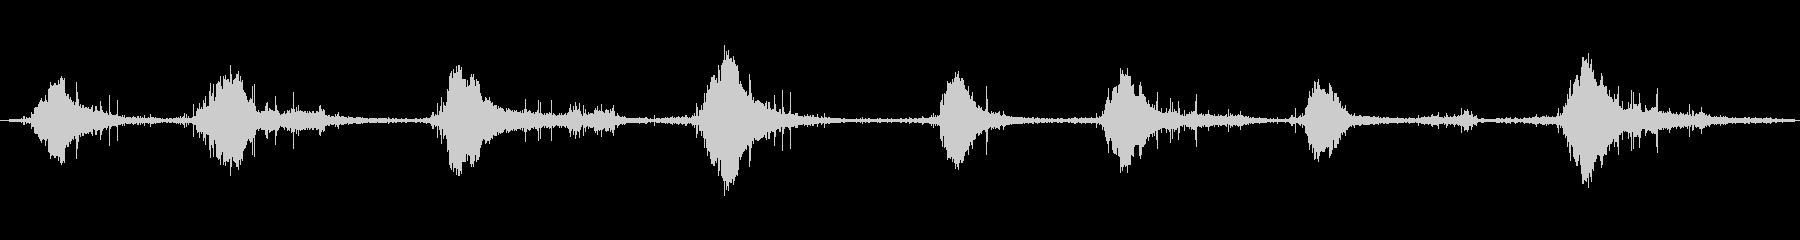 ブラシヒット、フォーリーの未再生の波形